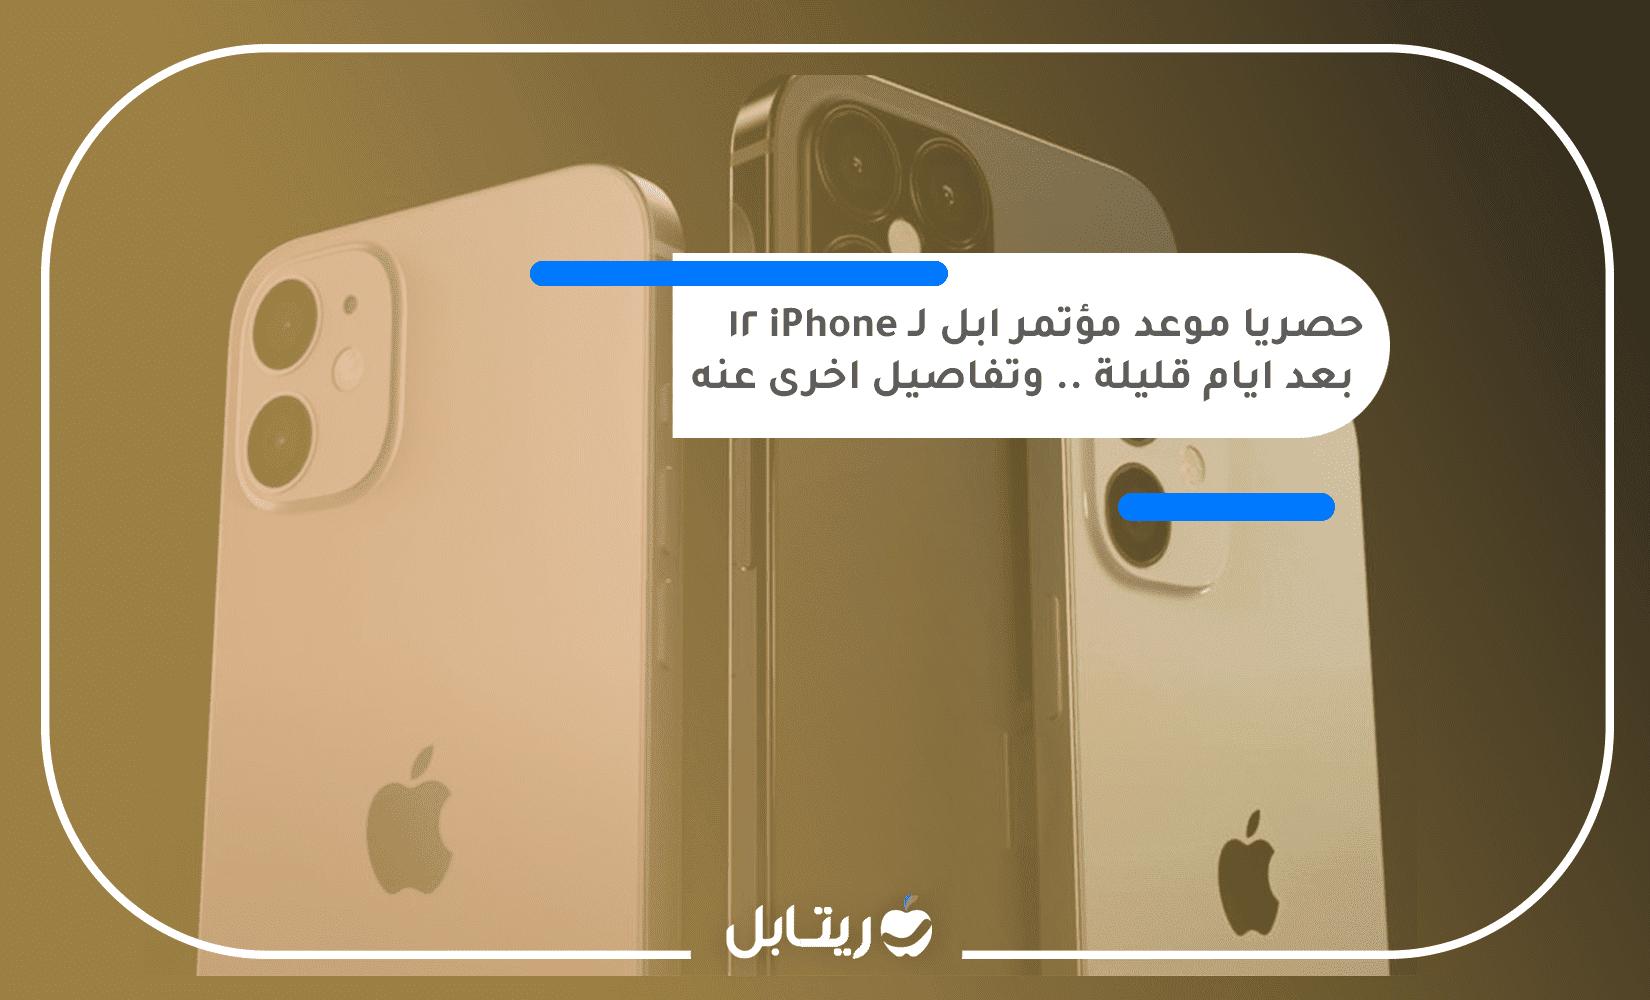 موعد مؤتمر ابل لـ iPhone 12